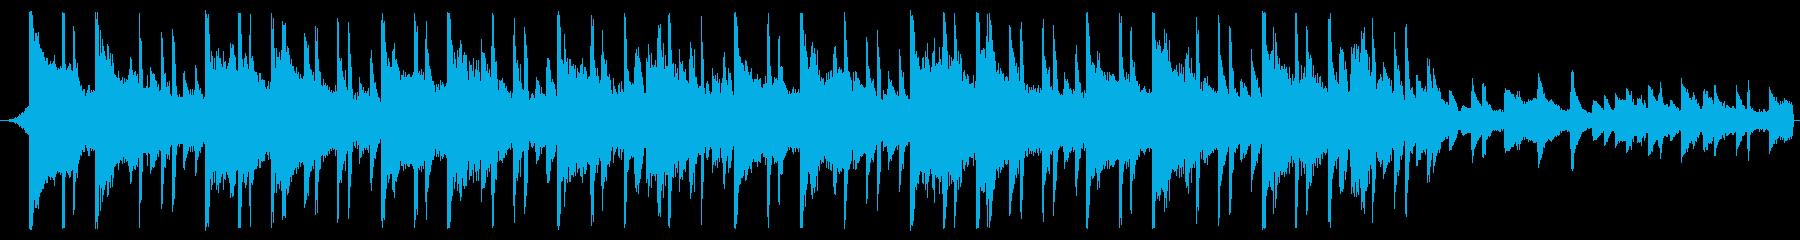 30秒企業BGMなどに明るくシンプルな曲の再生済みの波形